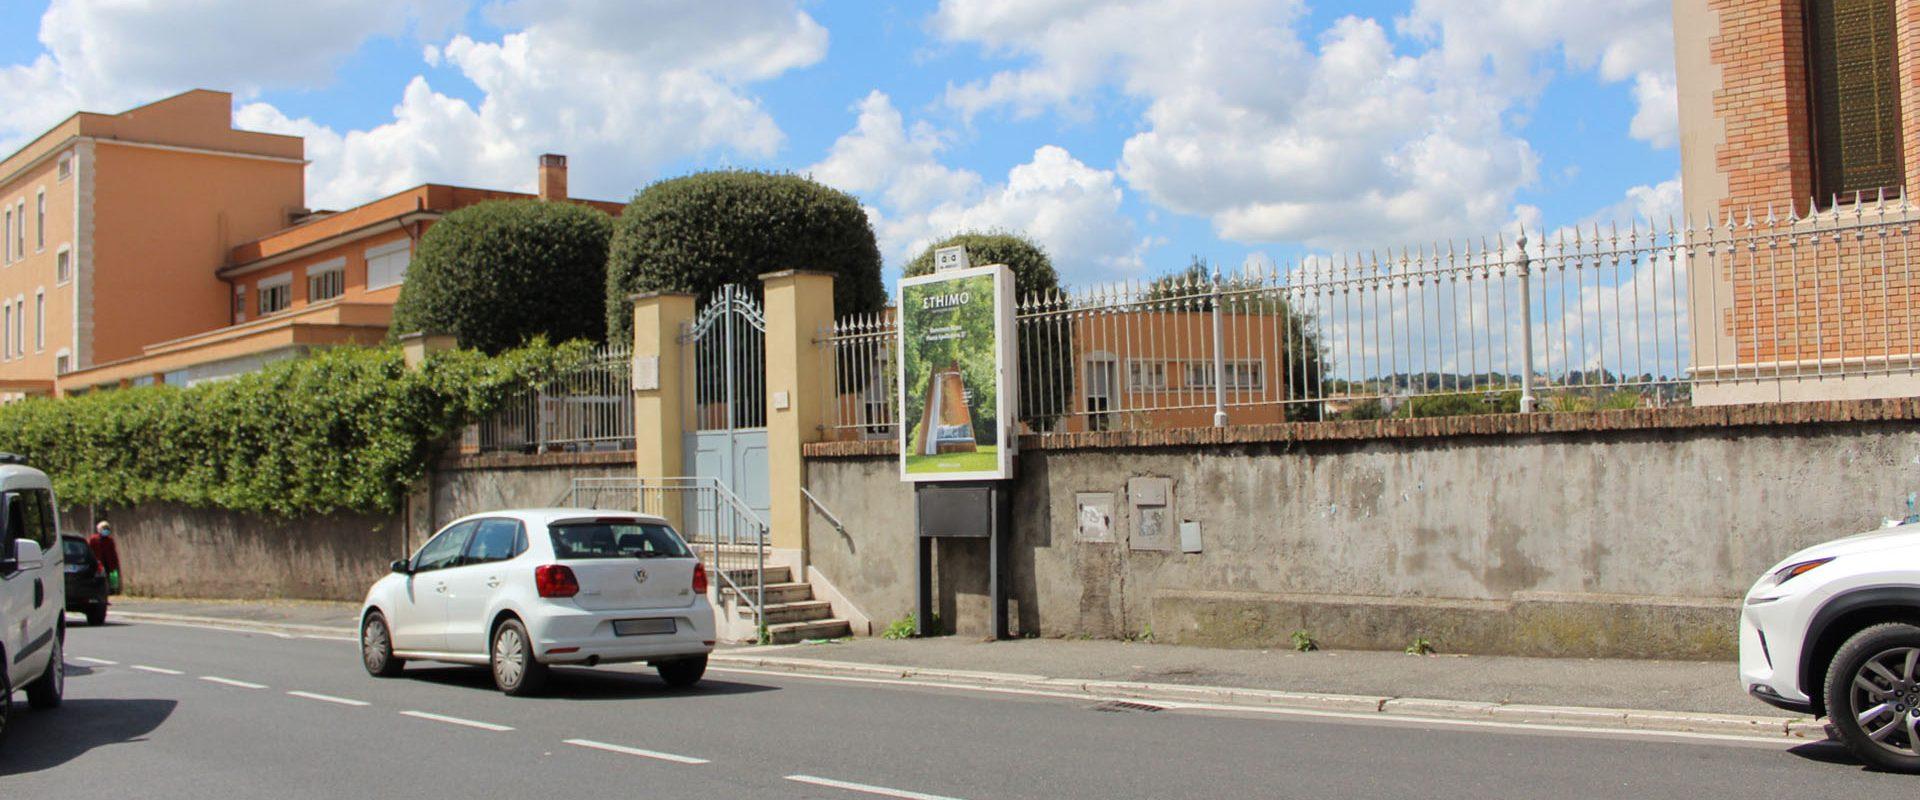 Affissione luminosa di APA in via Fleming a Roma.